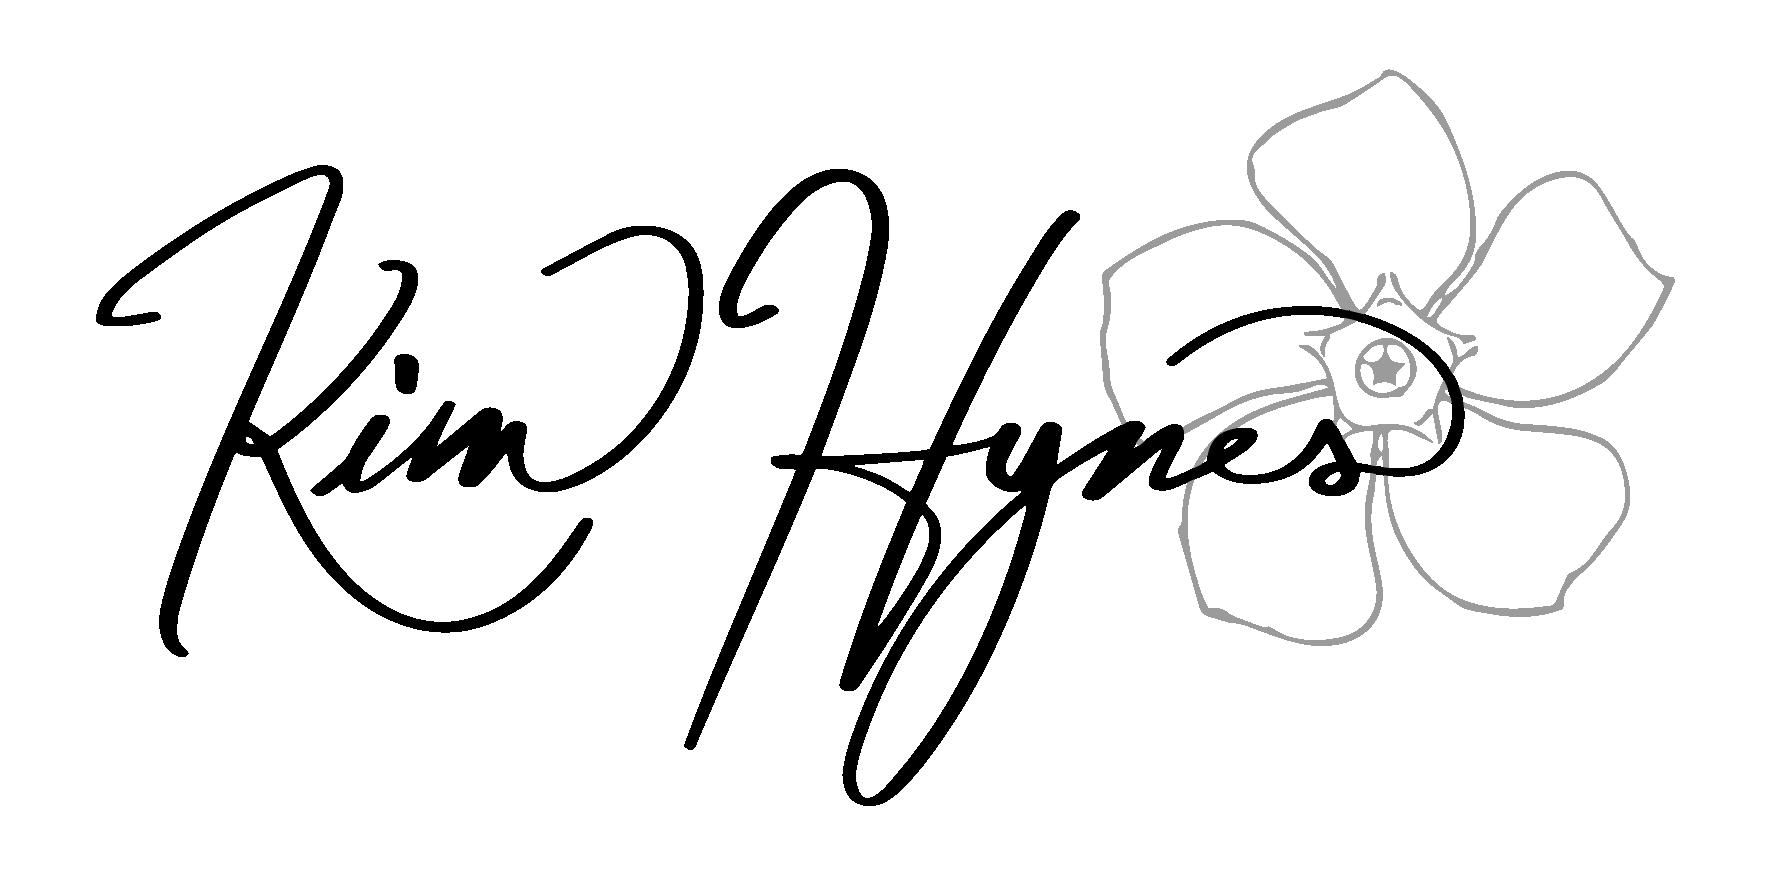 Kim-Hynes_sig-flower (1).png